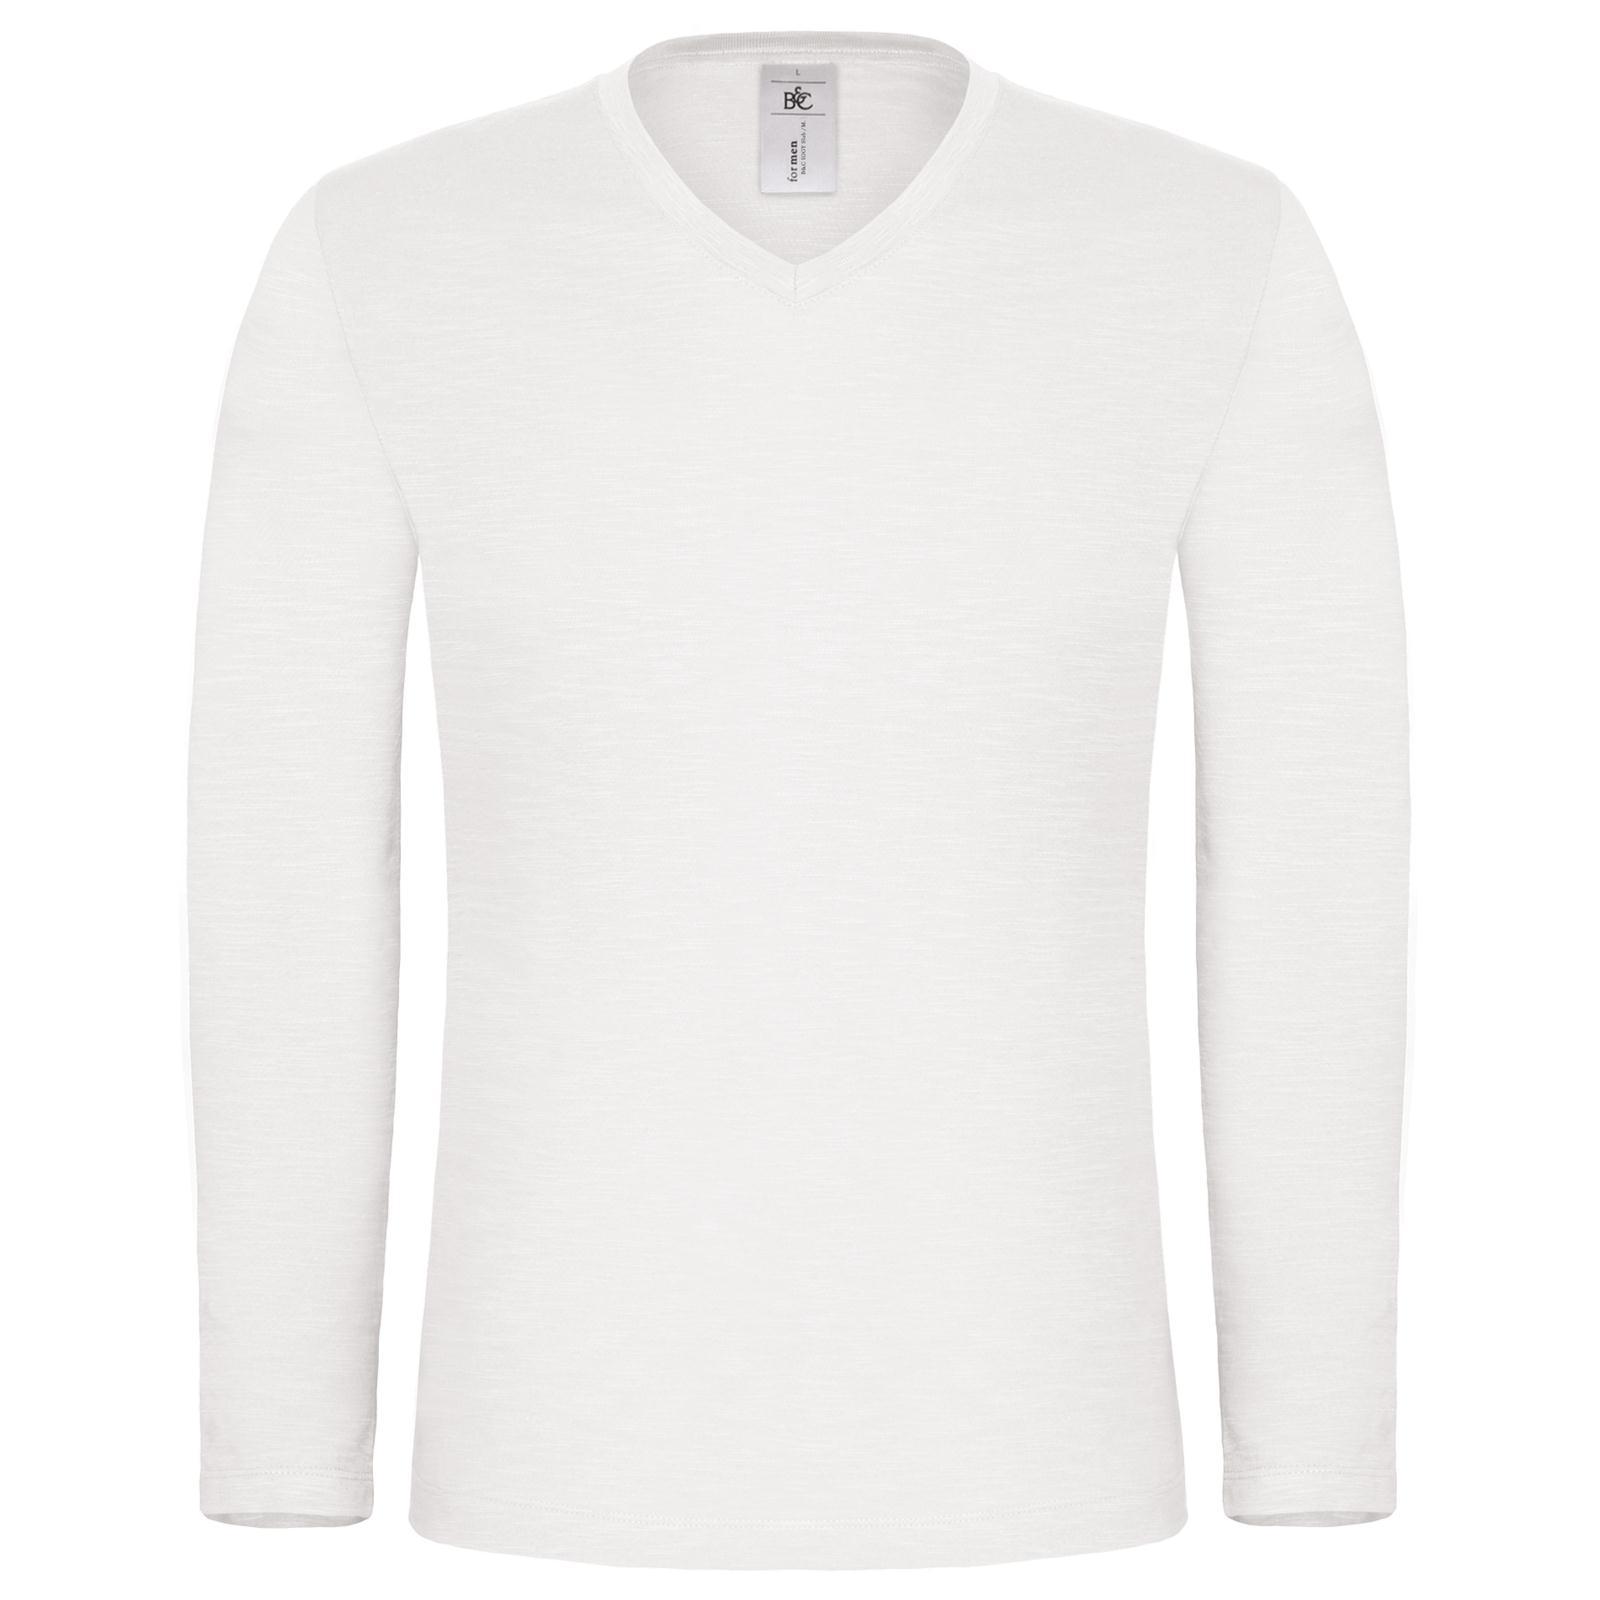 New B C Mens Iggy Slub Long Sleeve Cotton V Neck T Shirt